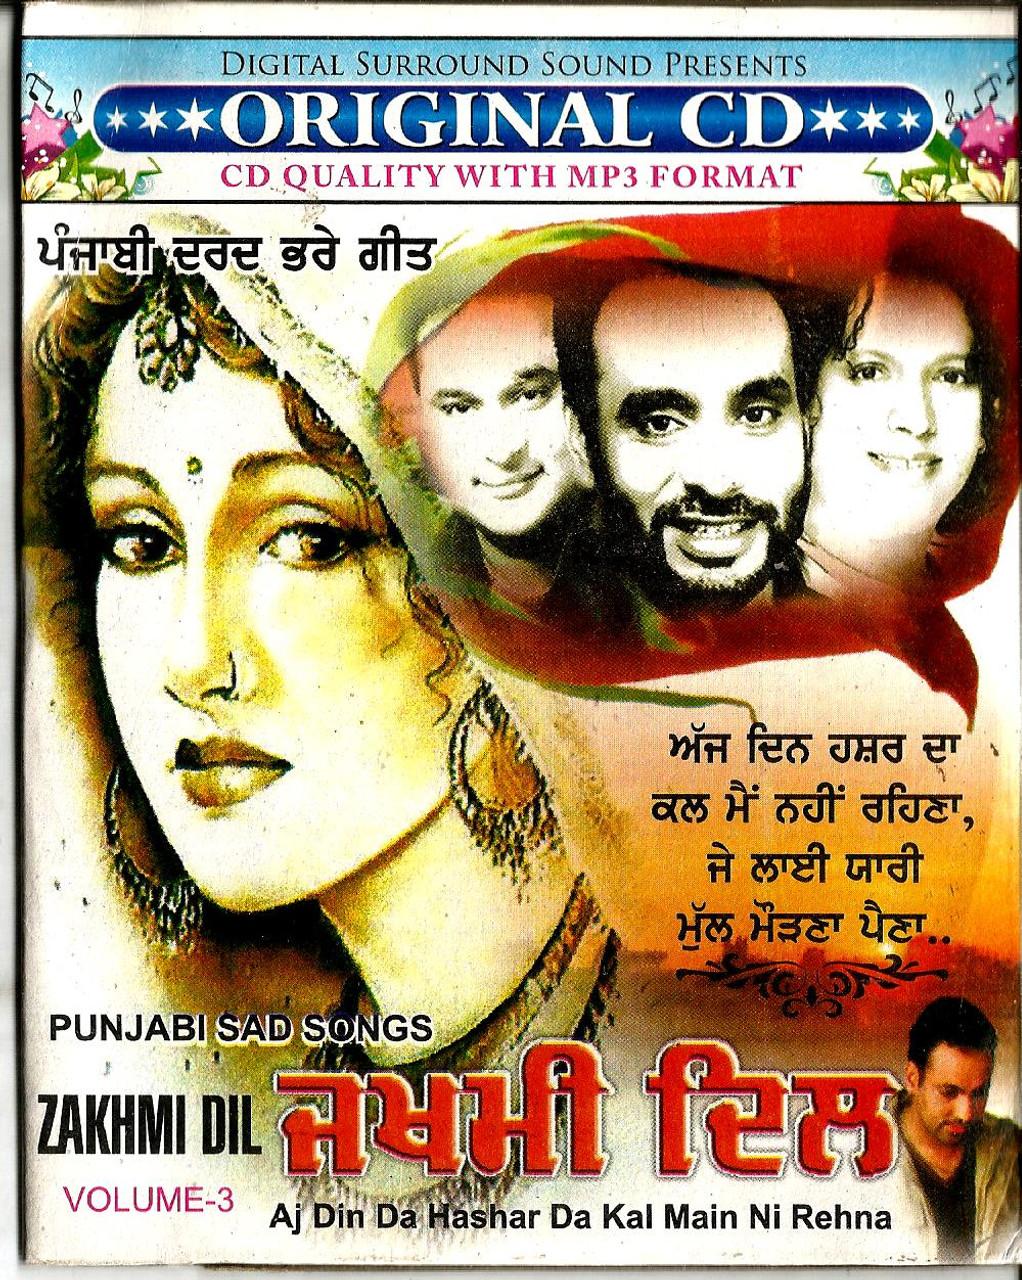 Punjabi Sad Songs Zakhmi Dil-Aj Din Da Hashar Da Kal Main Ni Rehna / MP3 -  India Town Gifts